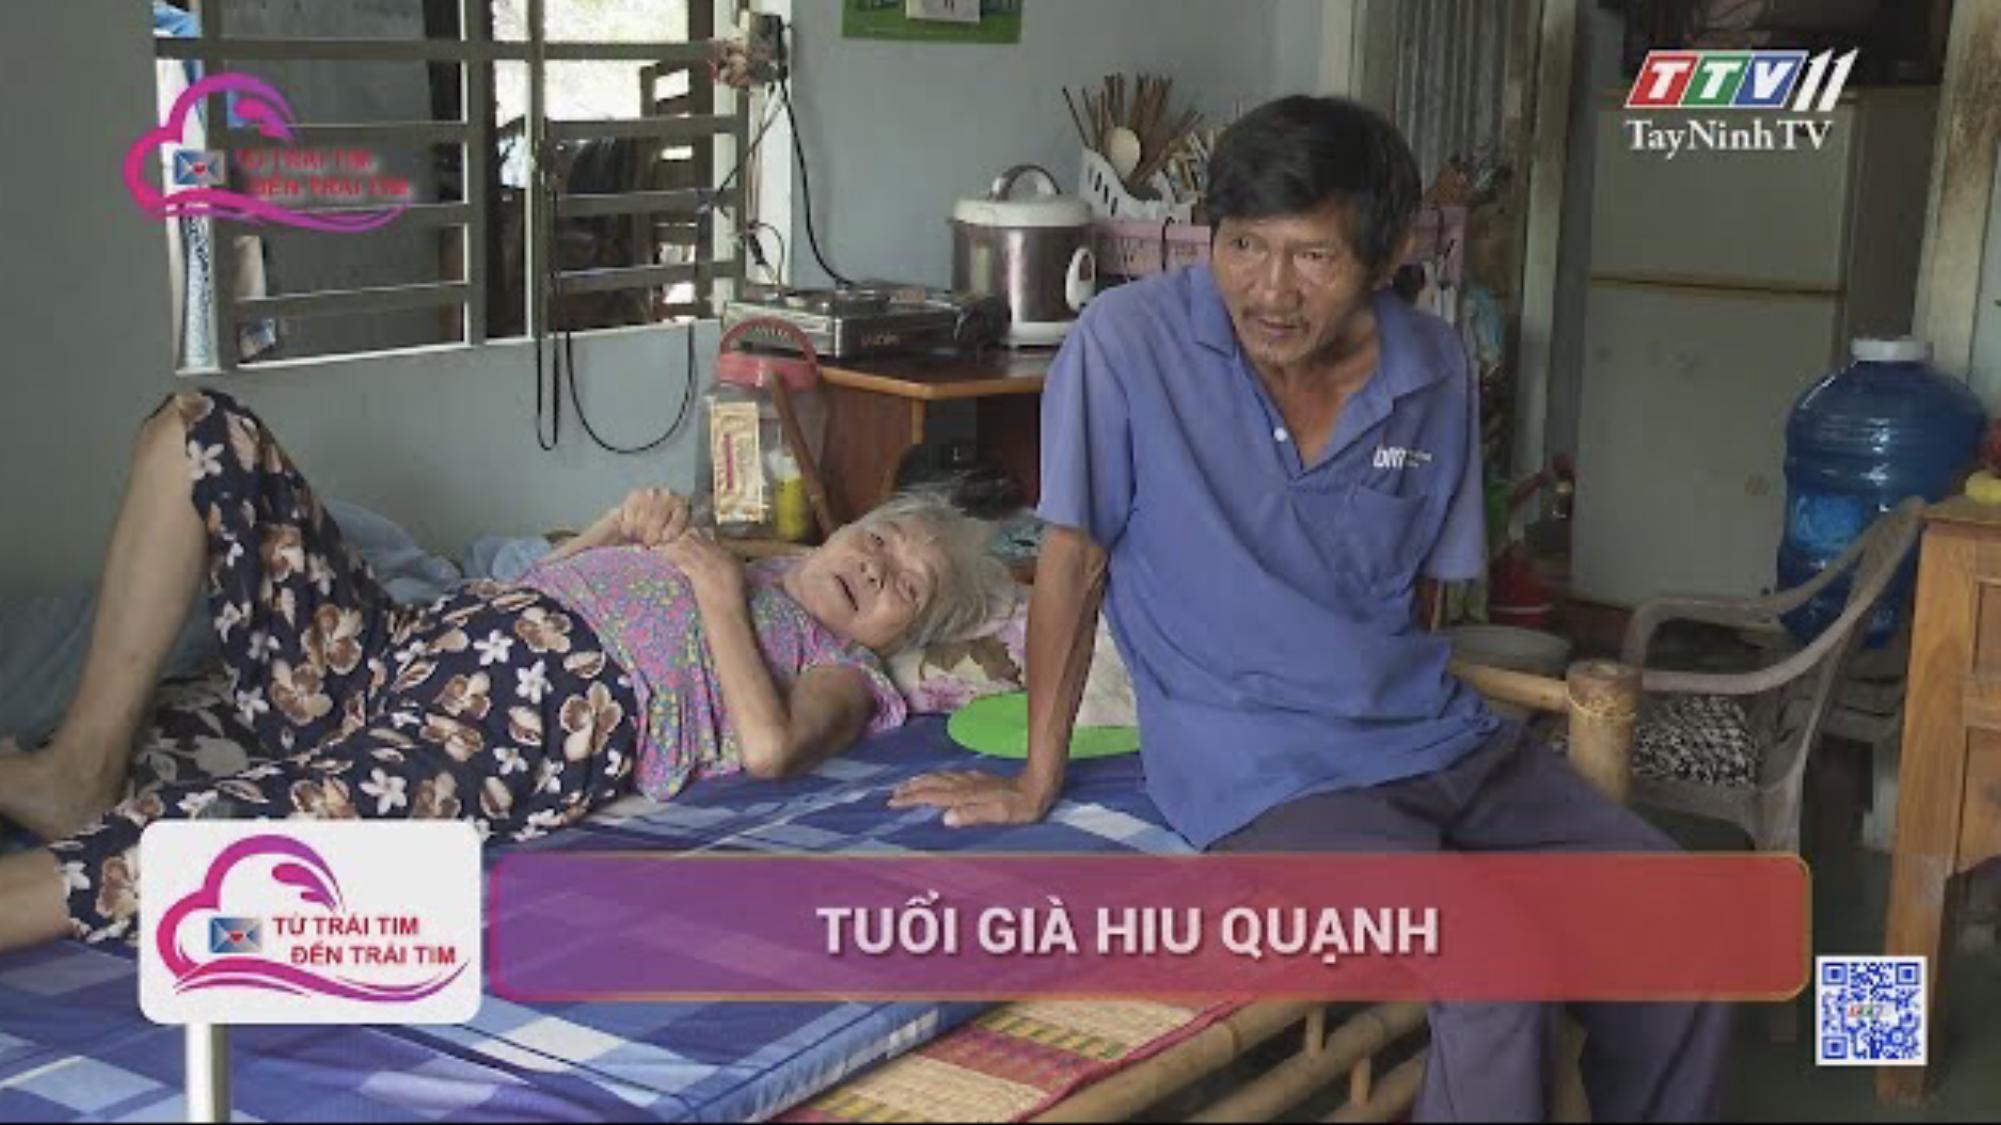 Tuổi già hiu quạnh | TỪ TRÁI TIM ĐẾN TRÁI TIM | TayNinhTV